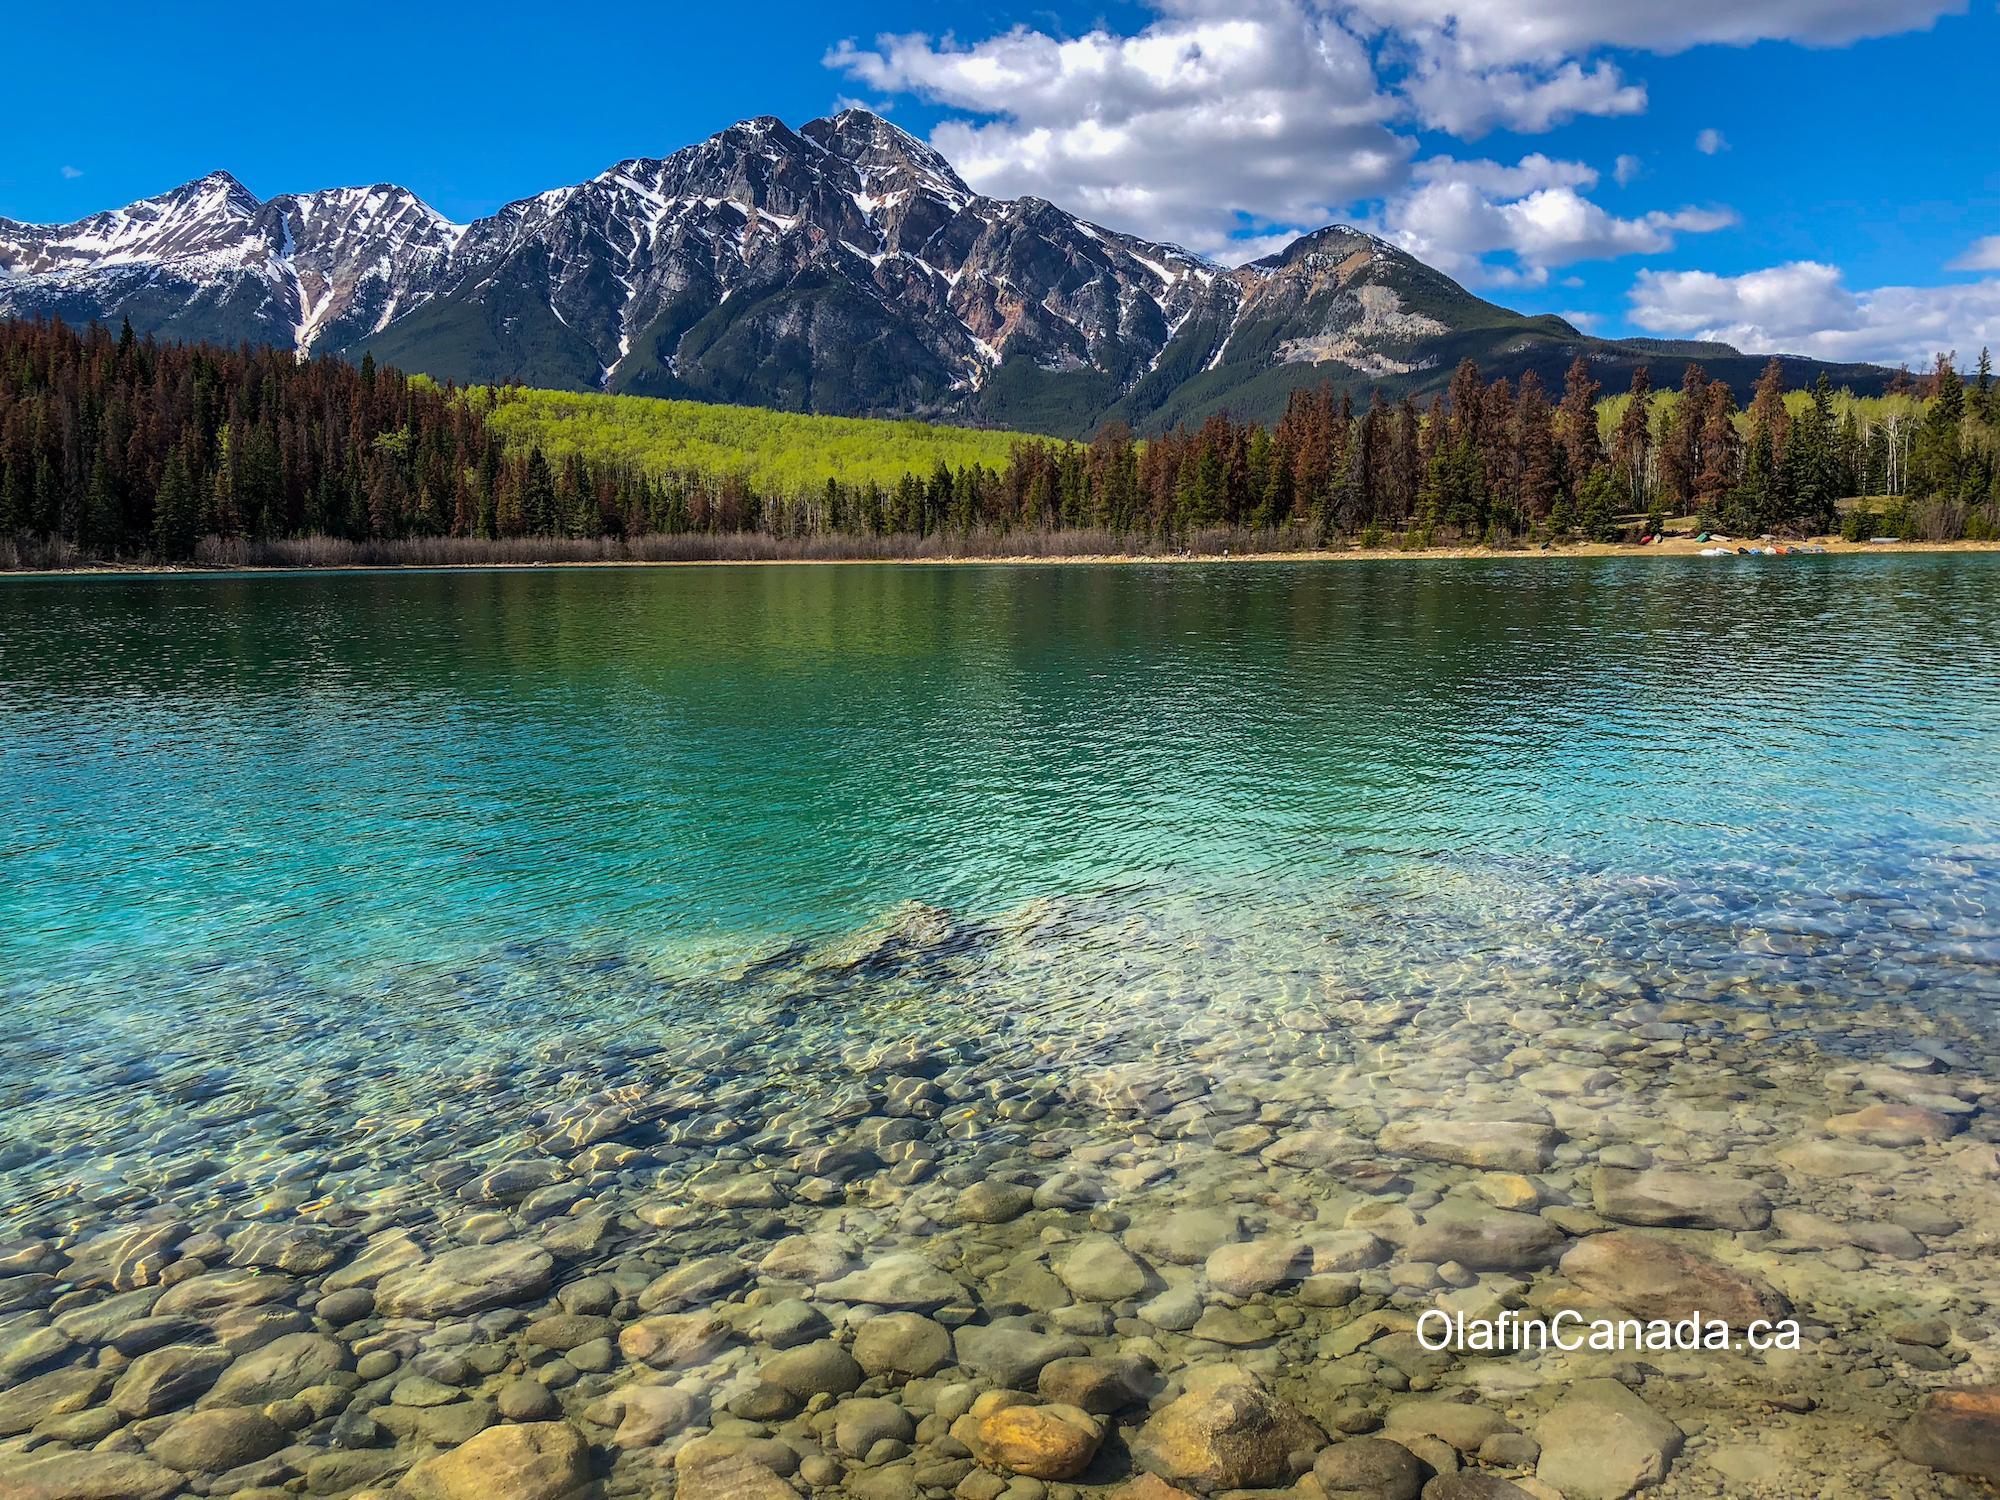 Patricia Lake in Jasper, Alberta #olafincanada #alberta #rockies #patricialake #jasper